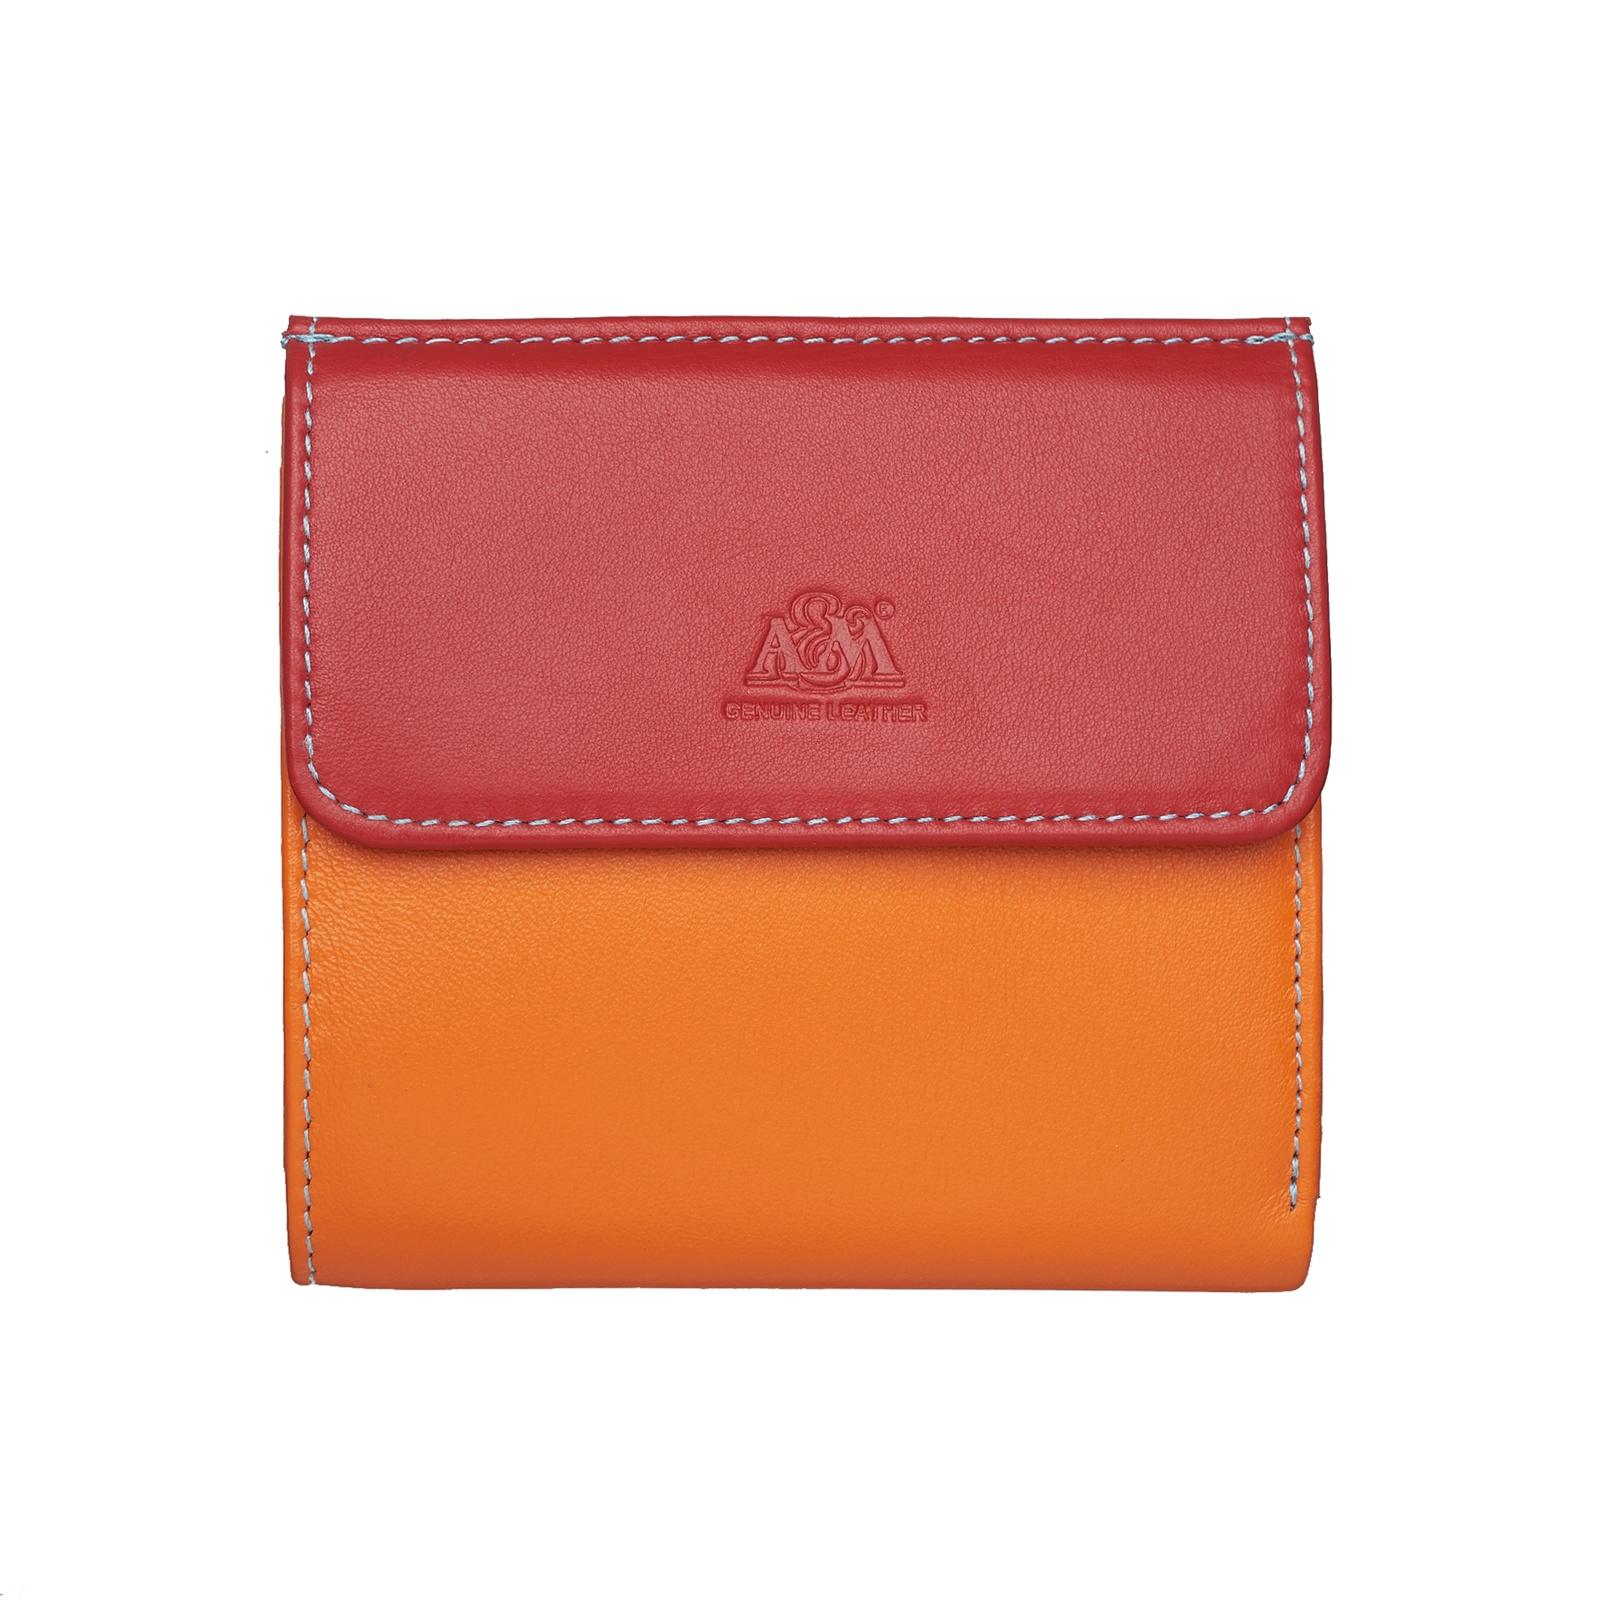 Портмоне A&M женское, 2703multi, оранжевый, оранжевый